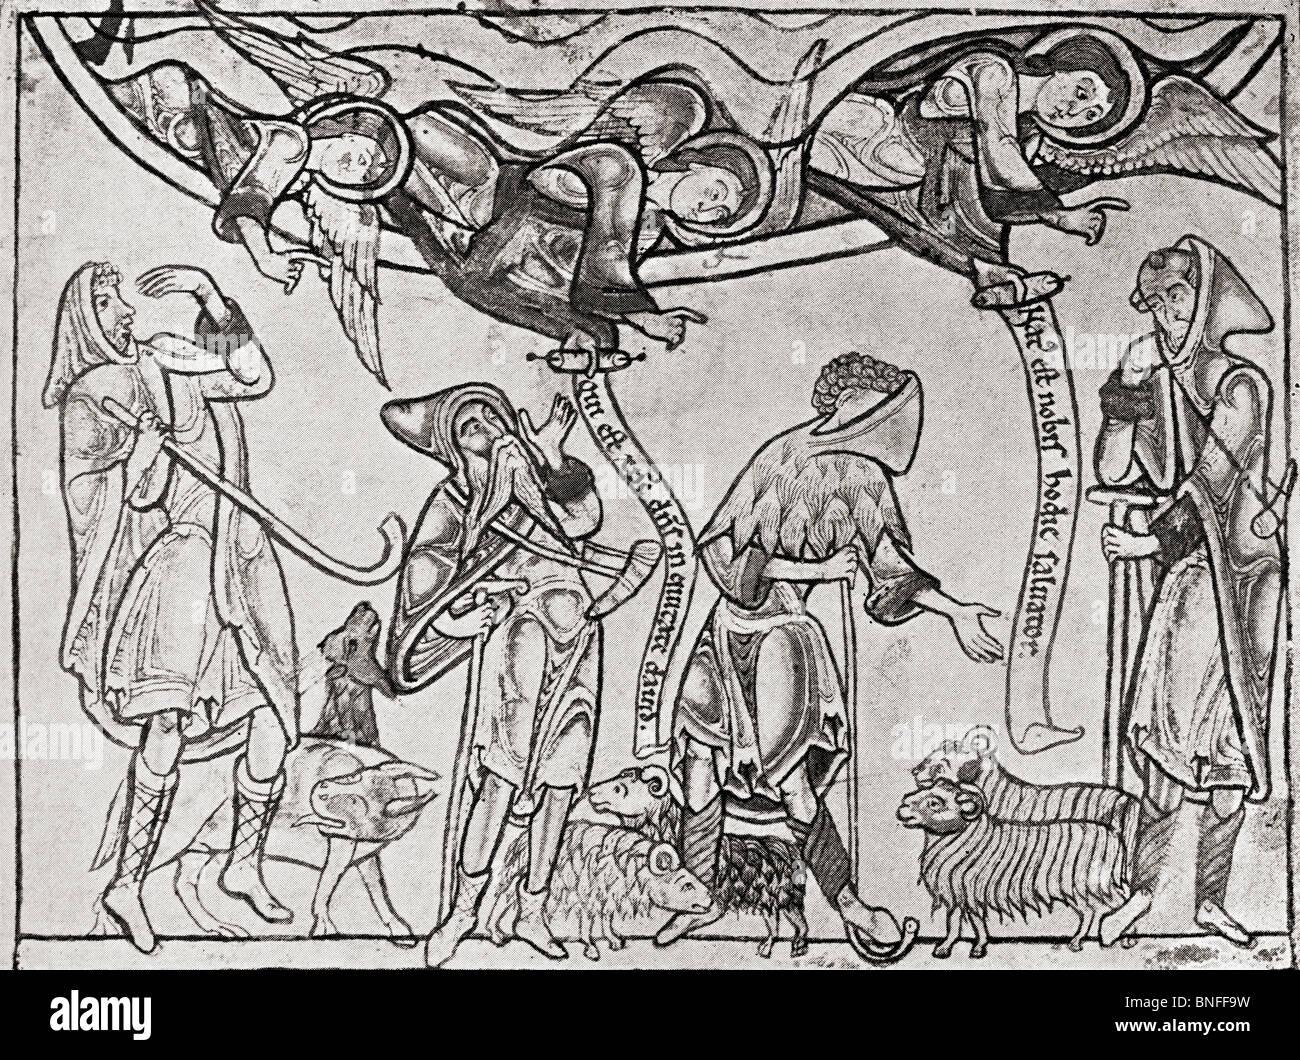 I Pastori nel medioevo. Illustrazione dal libro il conoscitore illustrato pubblicato 1904. Immagini Stock